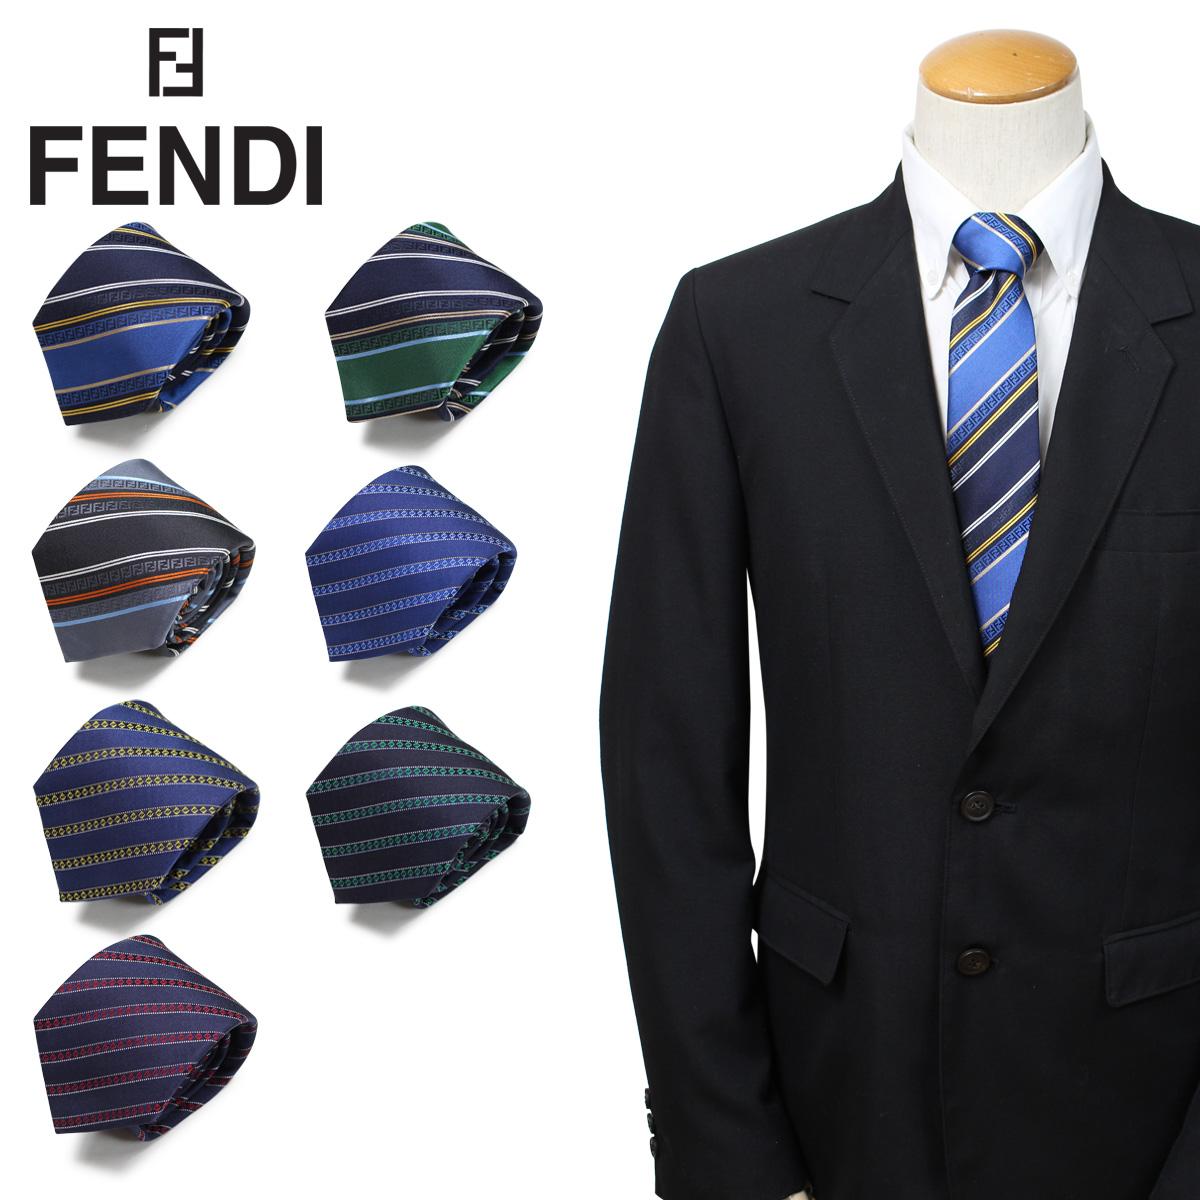 FENDI フェンディ ネクタイ メンズ イタリア製 シルク ビジネス 結婚式 [3/26 新入荷]